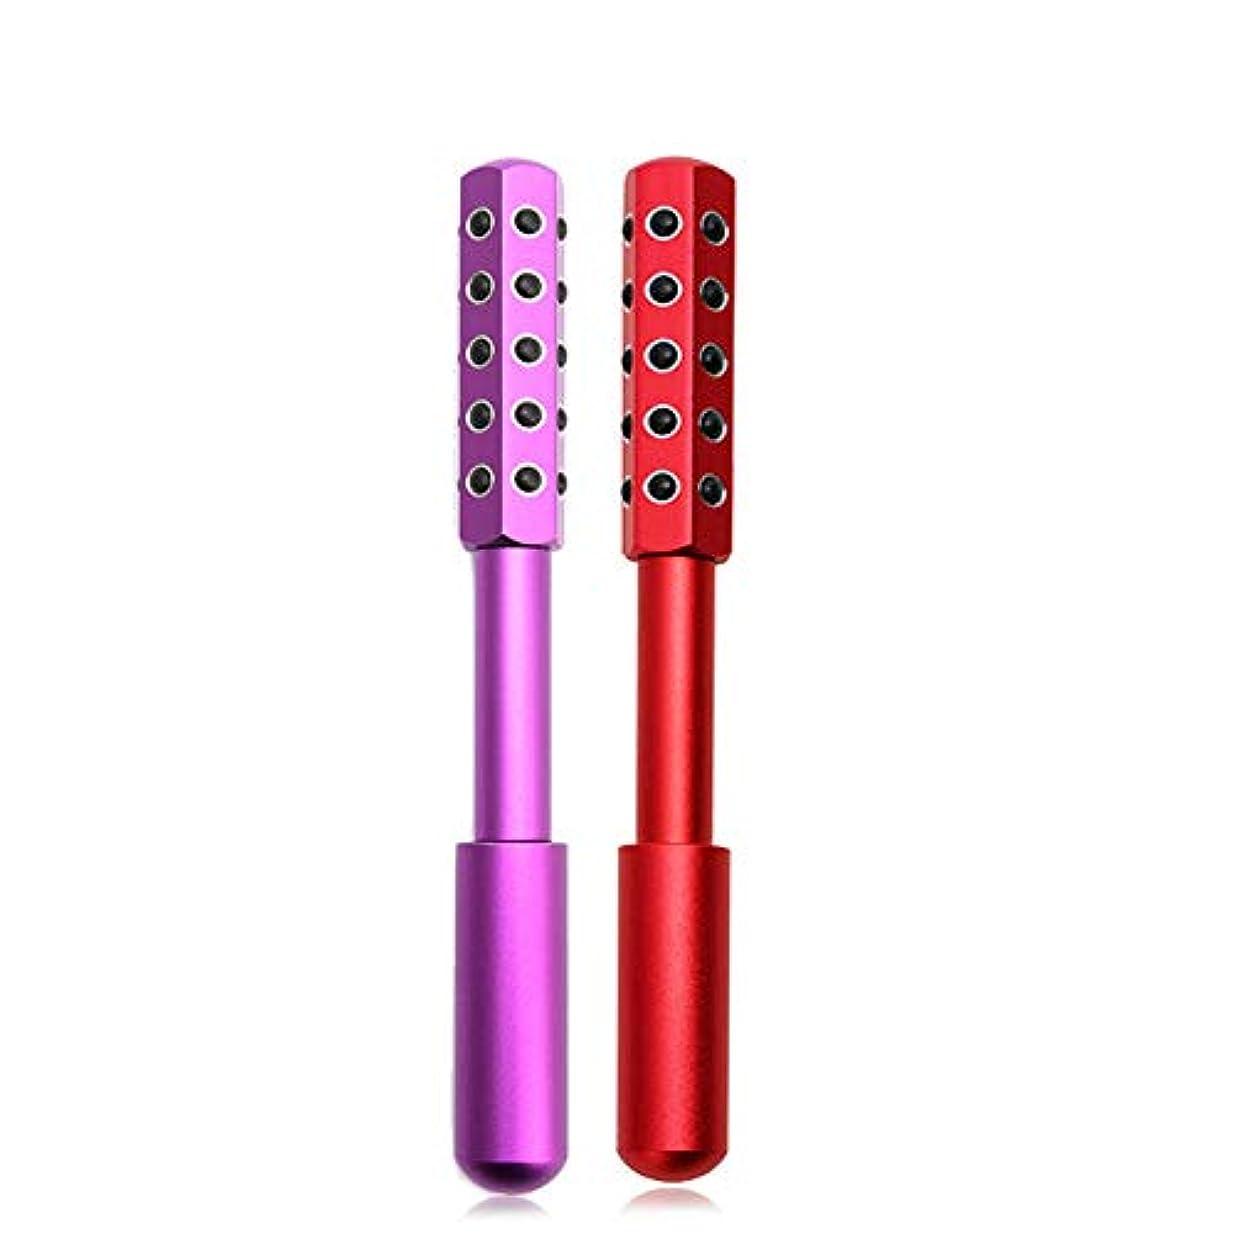 理想的にはドレイン外向きZYL ベターライフ ビューティーローラー ゲルマニウム フェイスケア コロコロ美顔美容ローラー (ピンク)